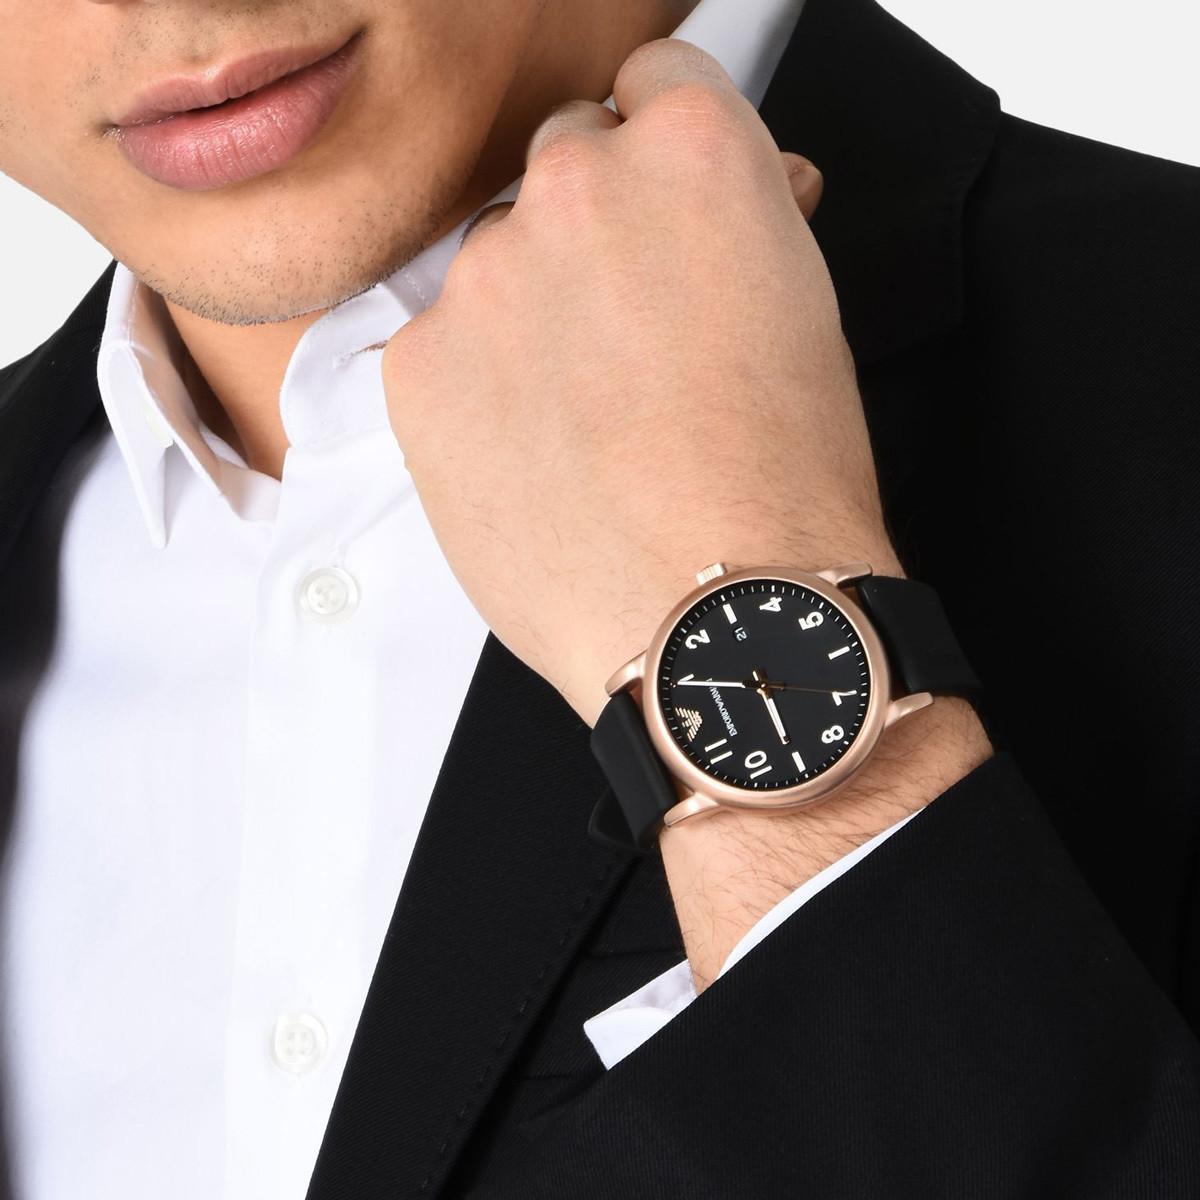 Мужские часы: модные тенденции и функциональность